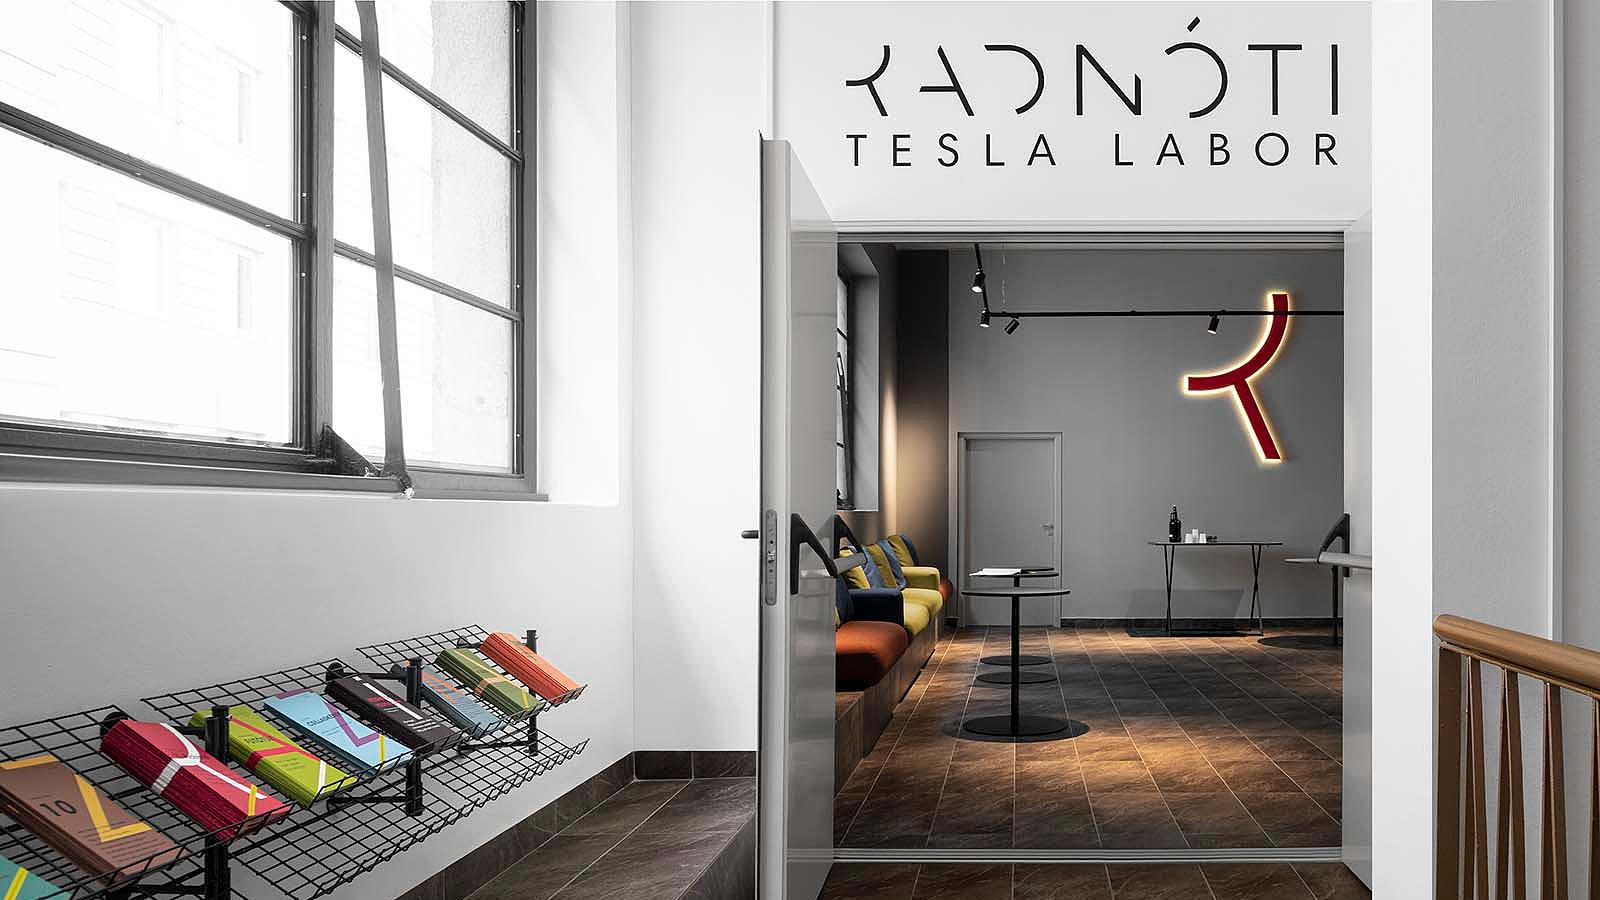 Kreativitás, új utak, Tesla – A Radnóti Színház a Kult50-ben